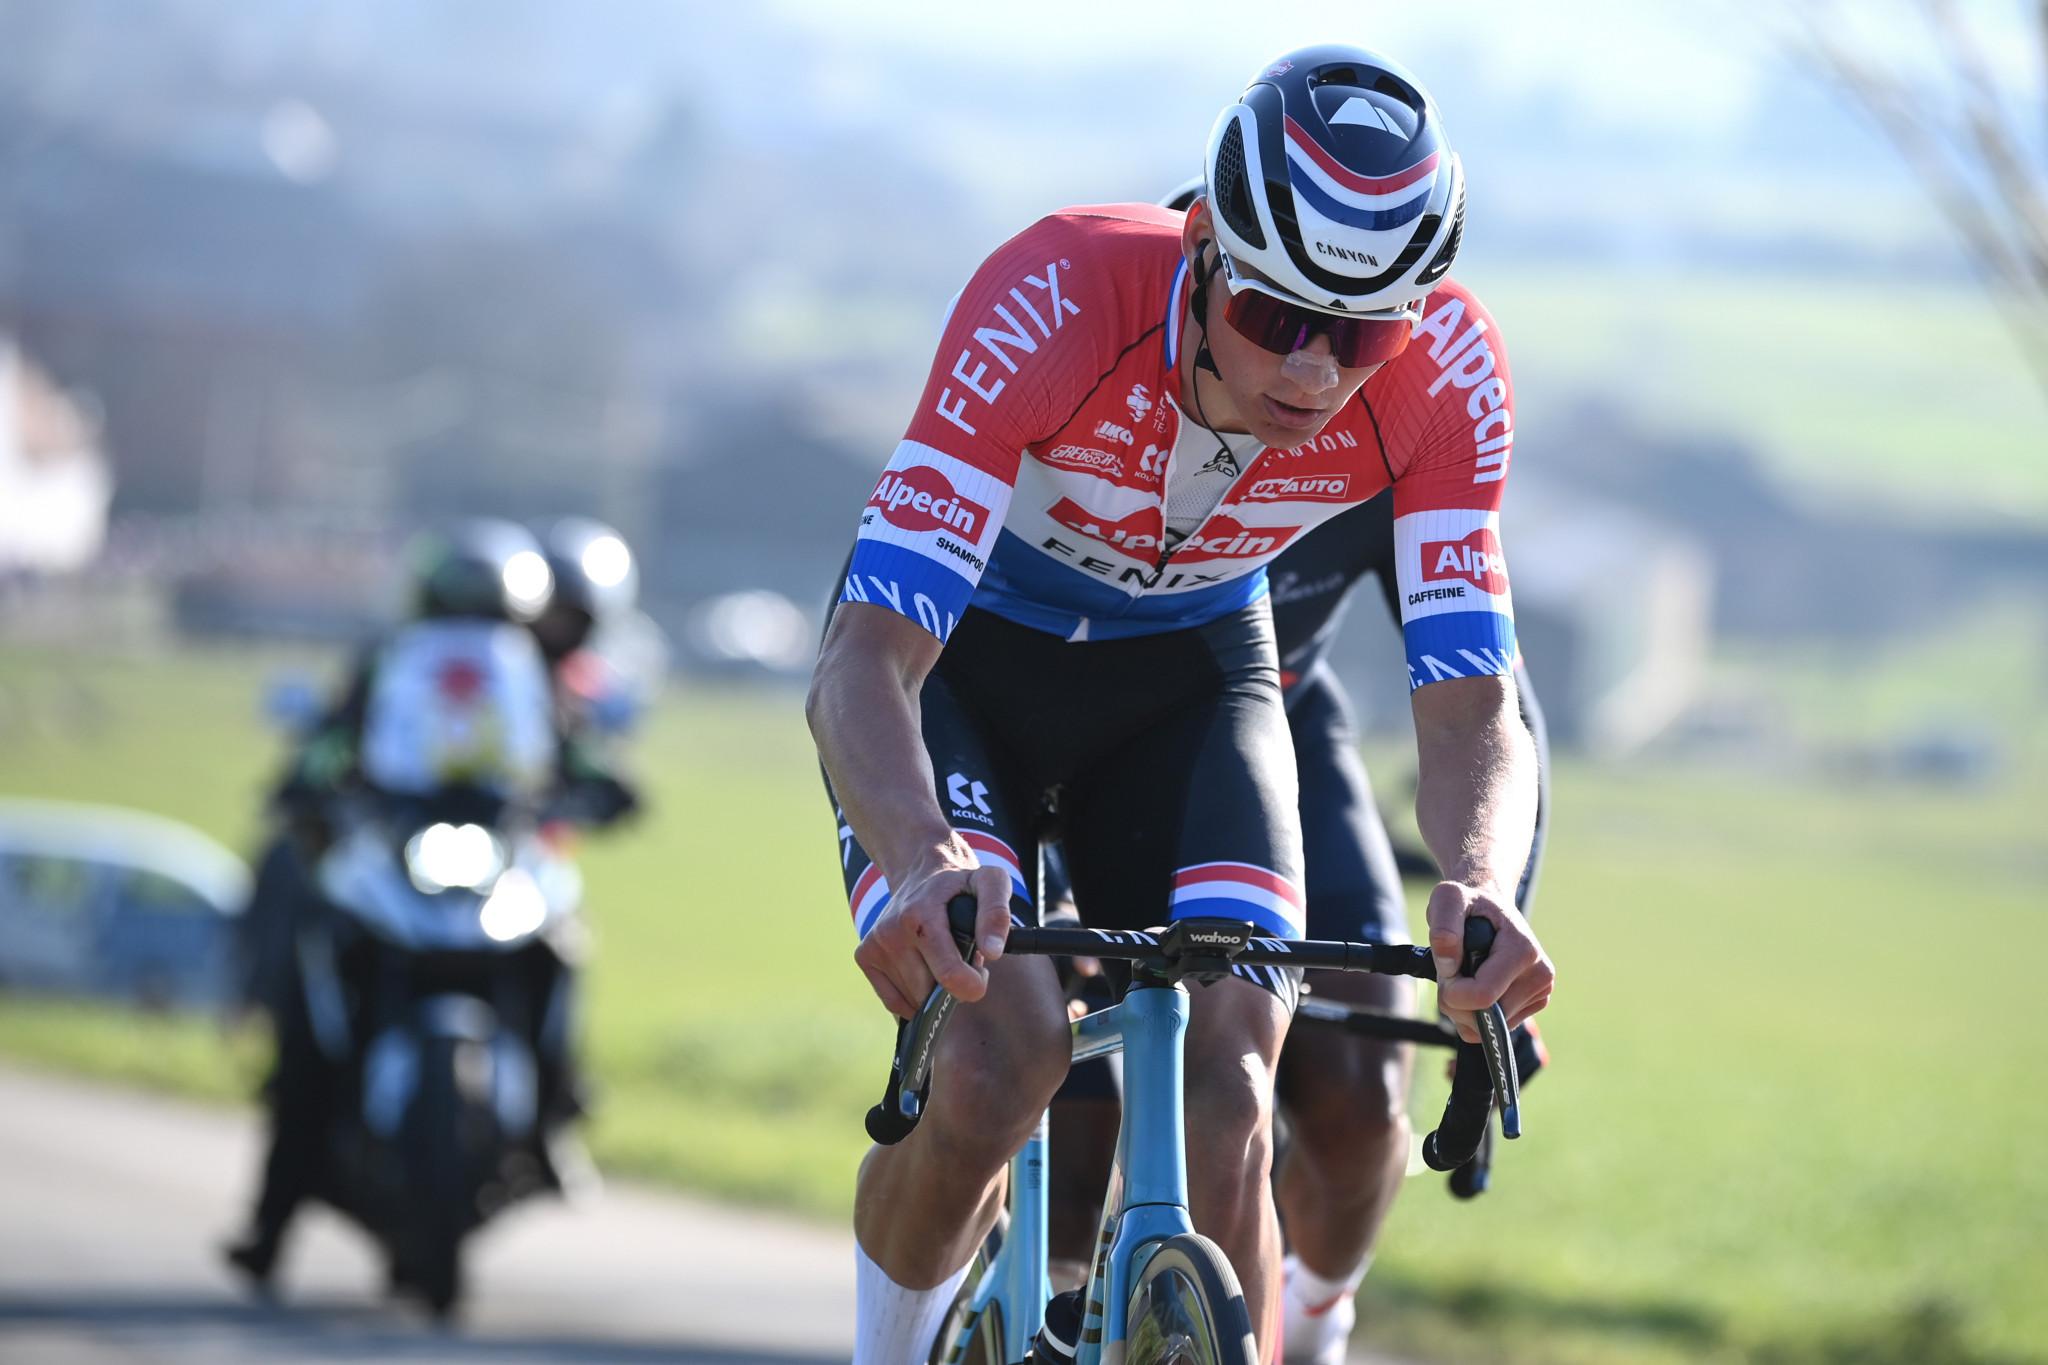 Reigning champion Van der Poel among starters at Dwars door Vlaanderen